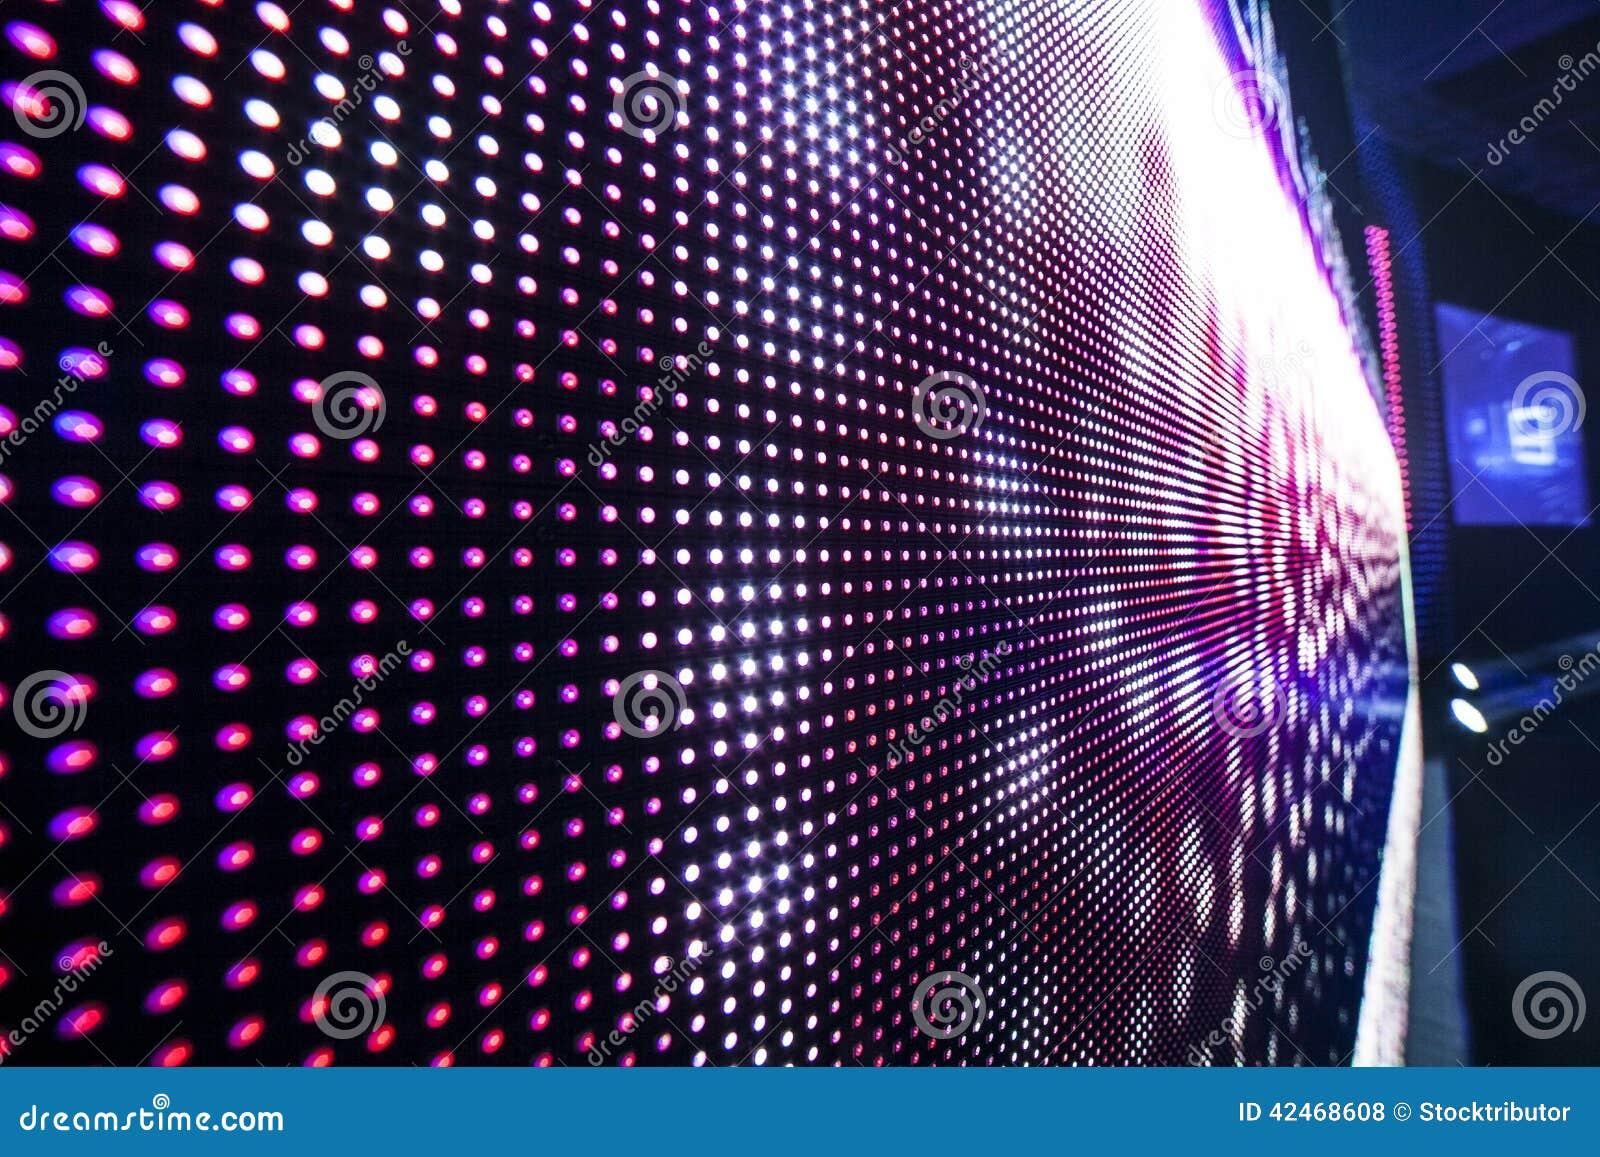 Beleuchtet Hintergrund